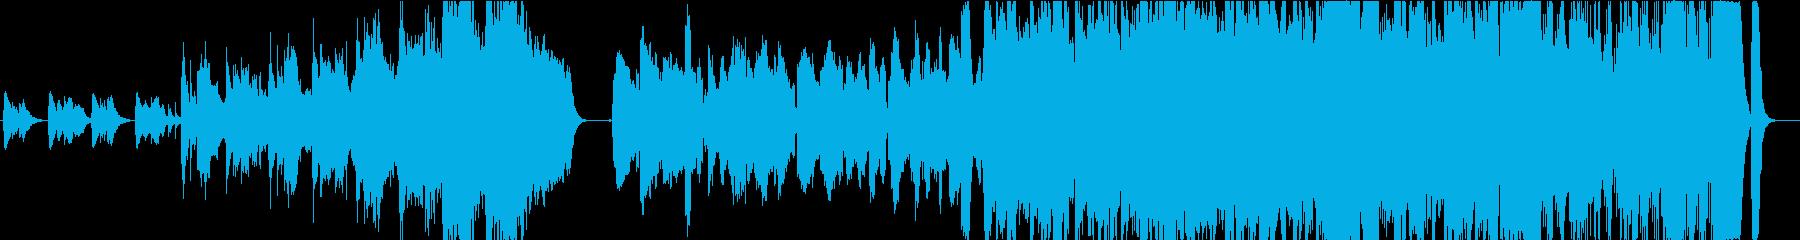 山をイメージした疾走感のあるストリングスの再生済みの波形